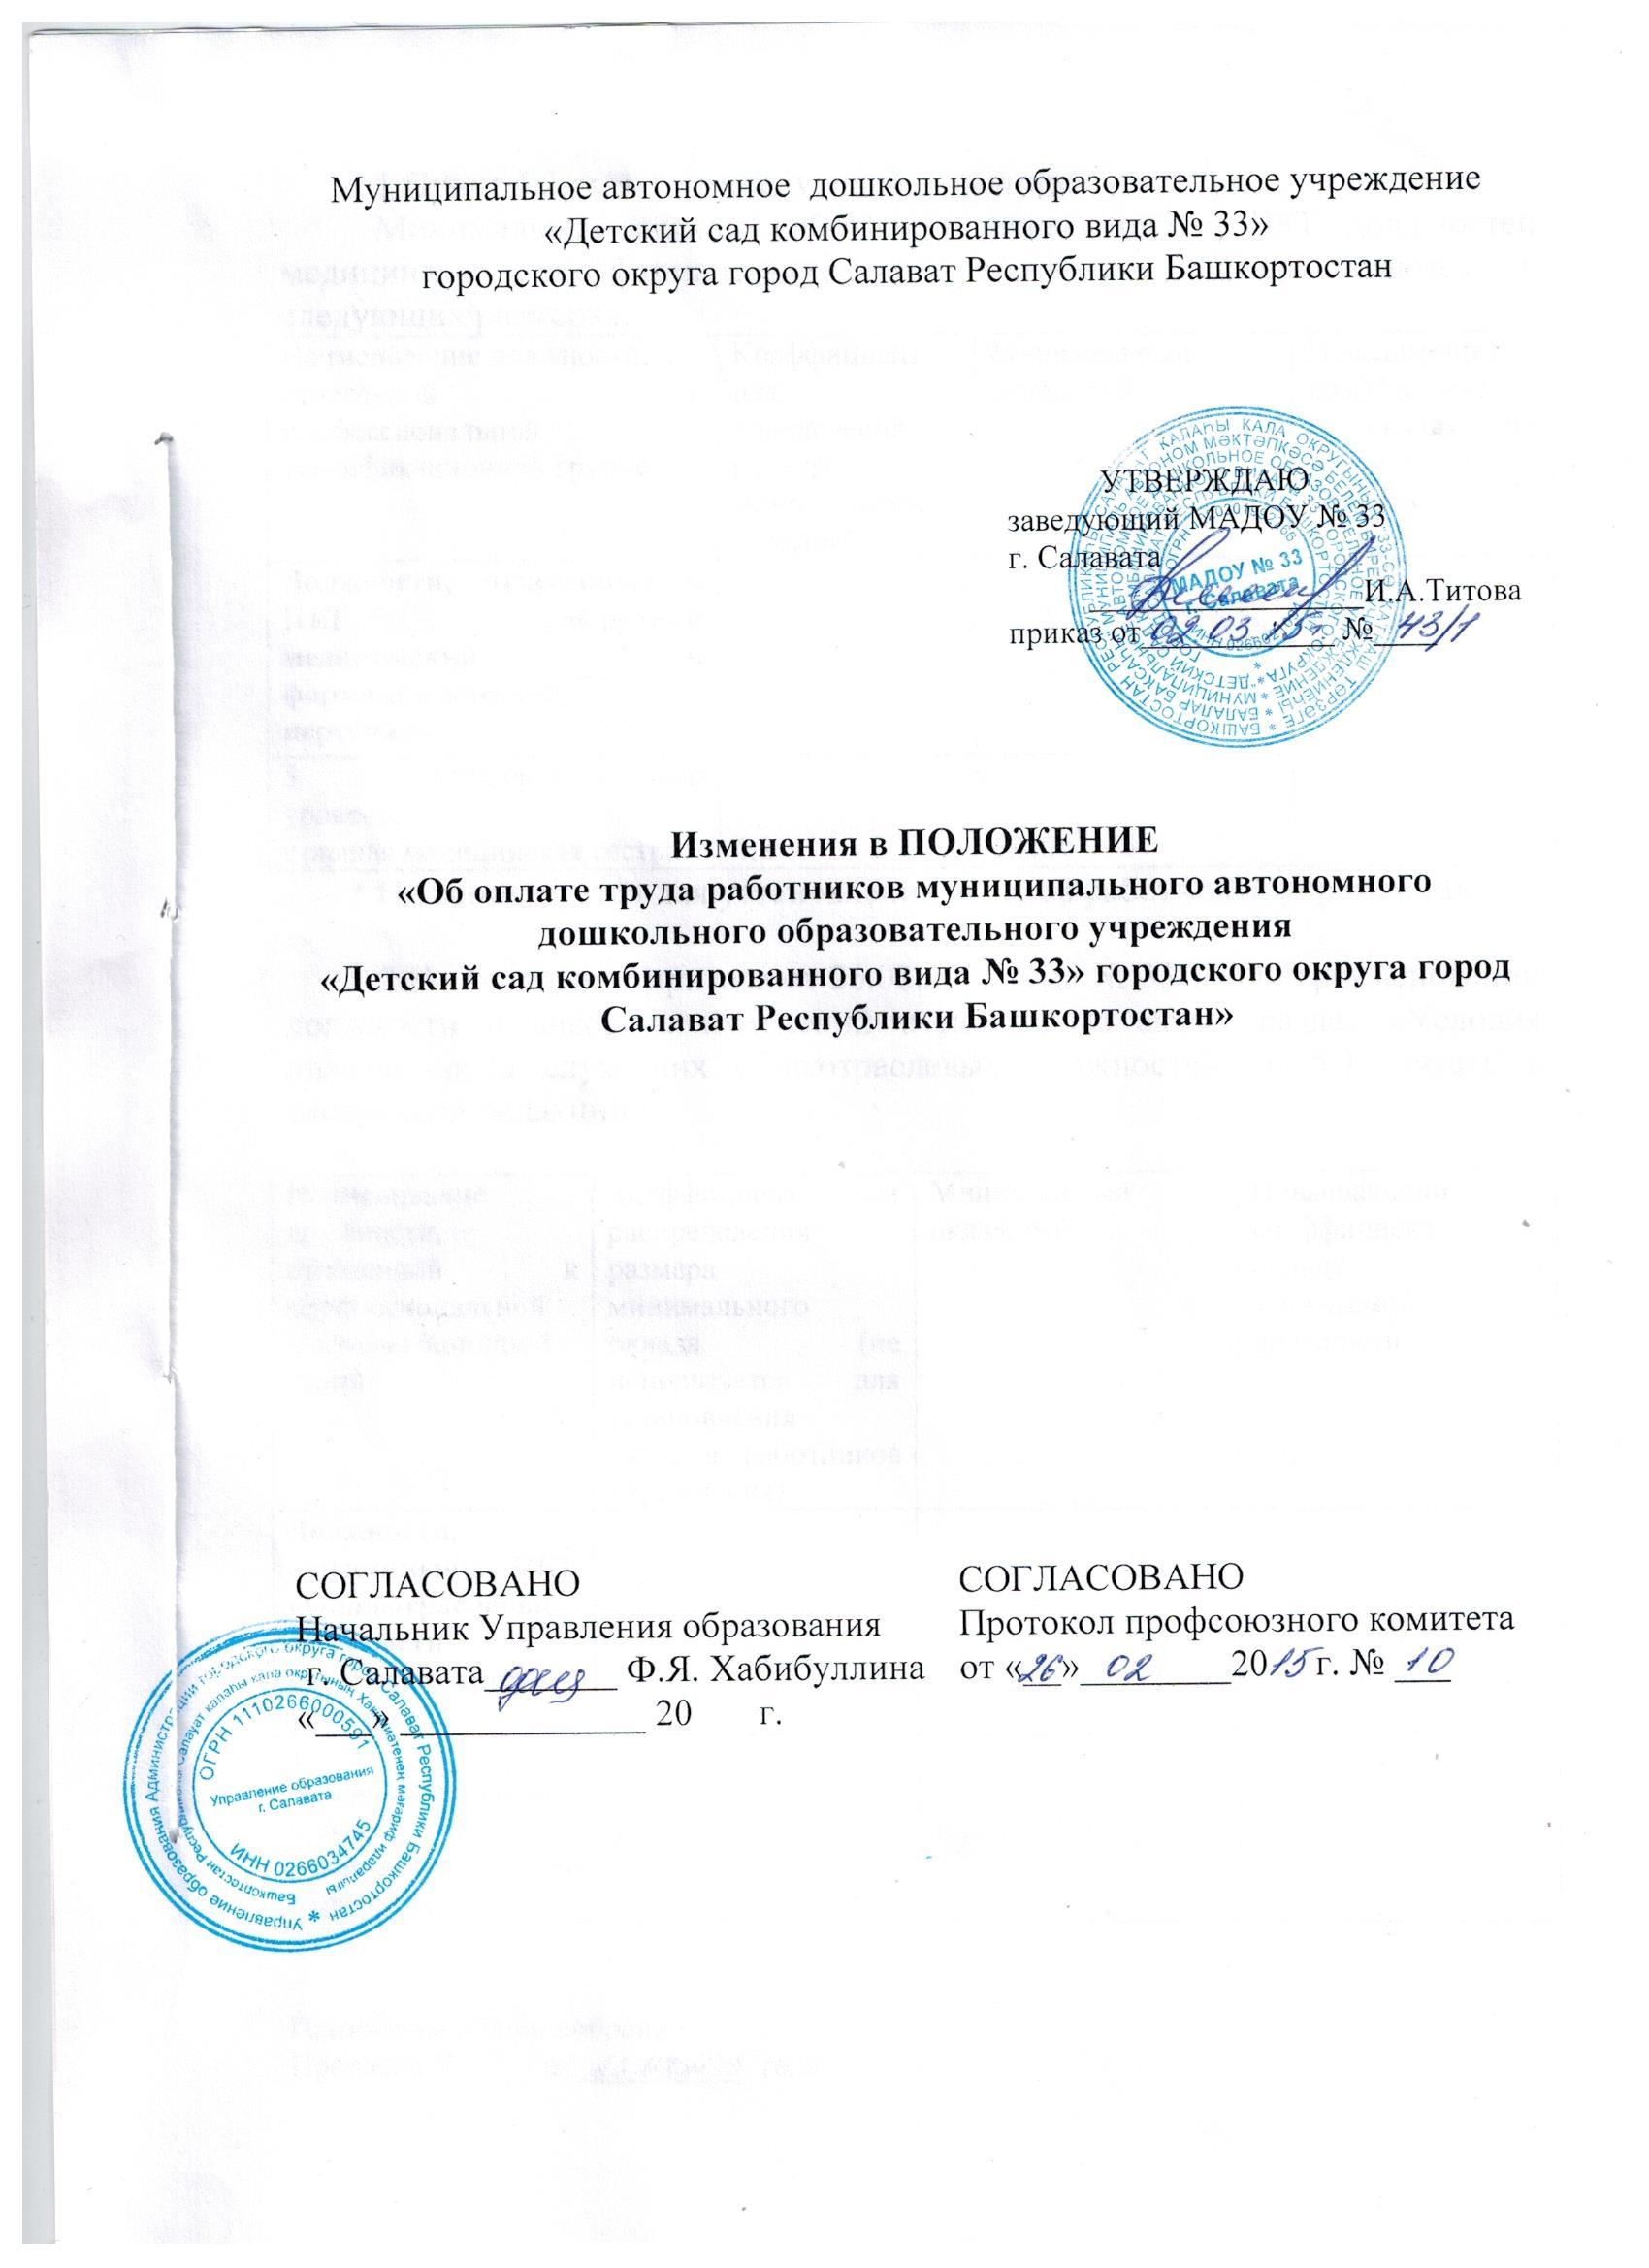 изменения в положение об оплате труда от26.02 (1)